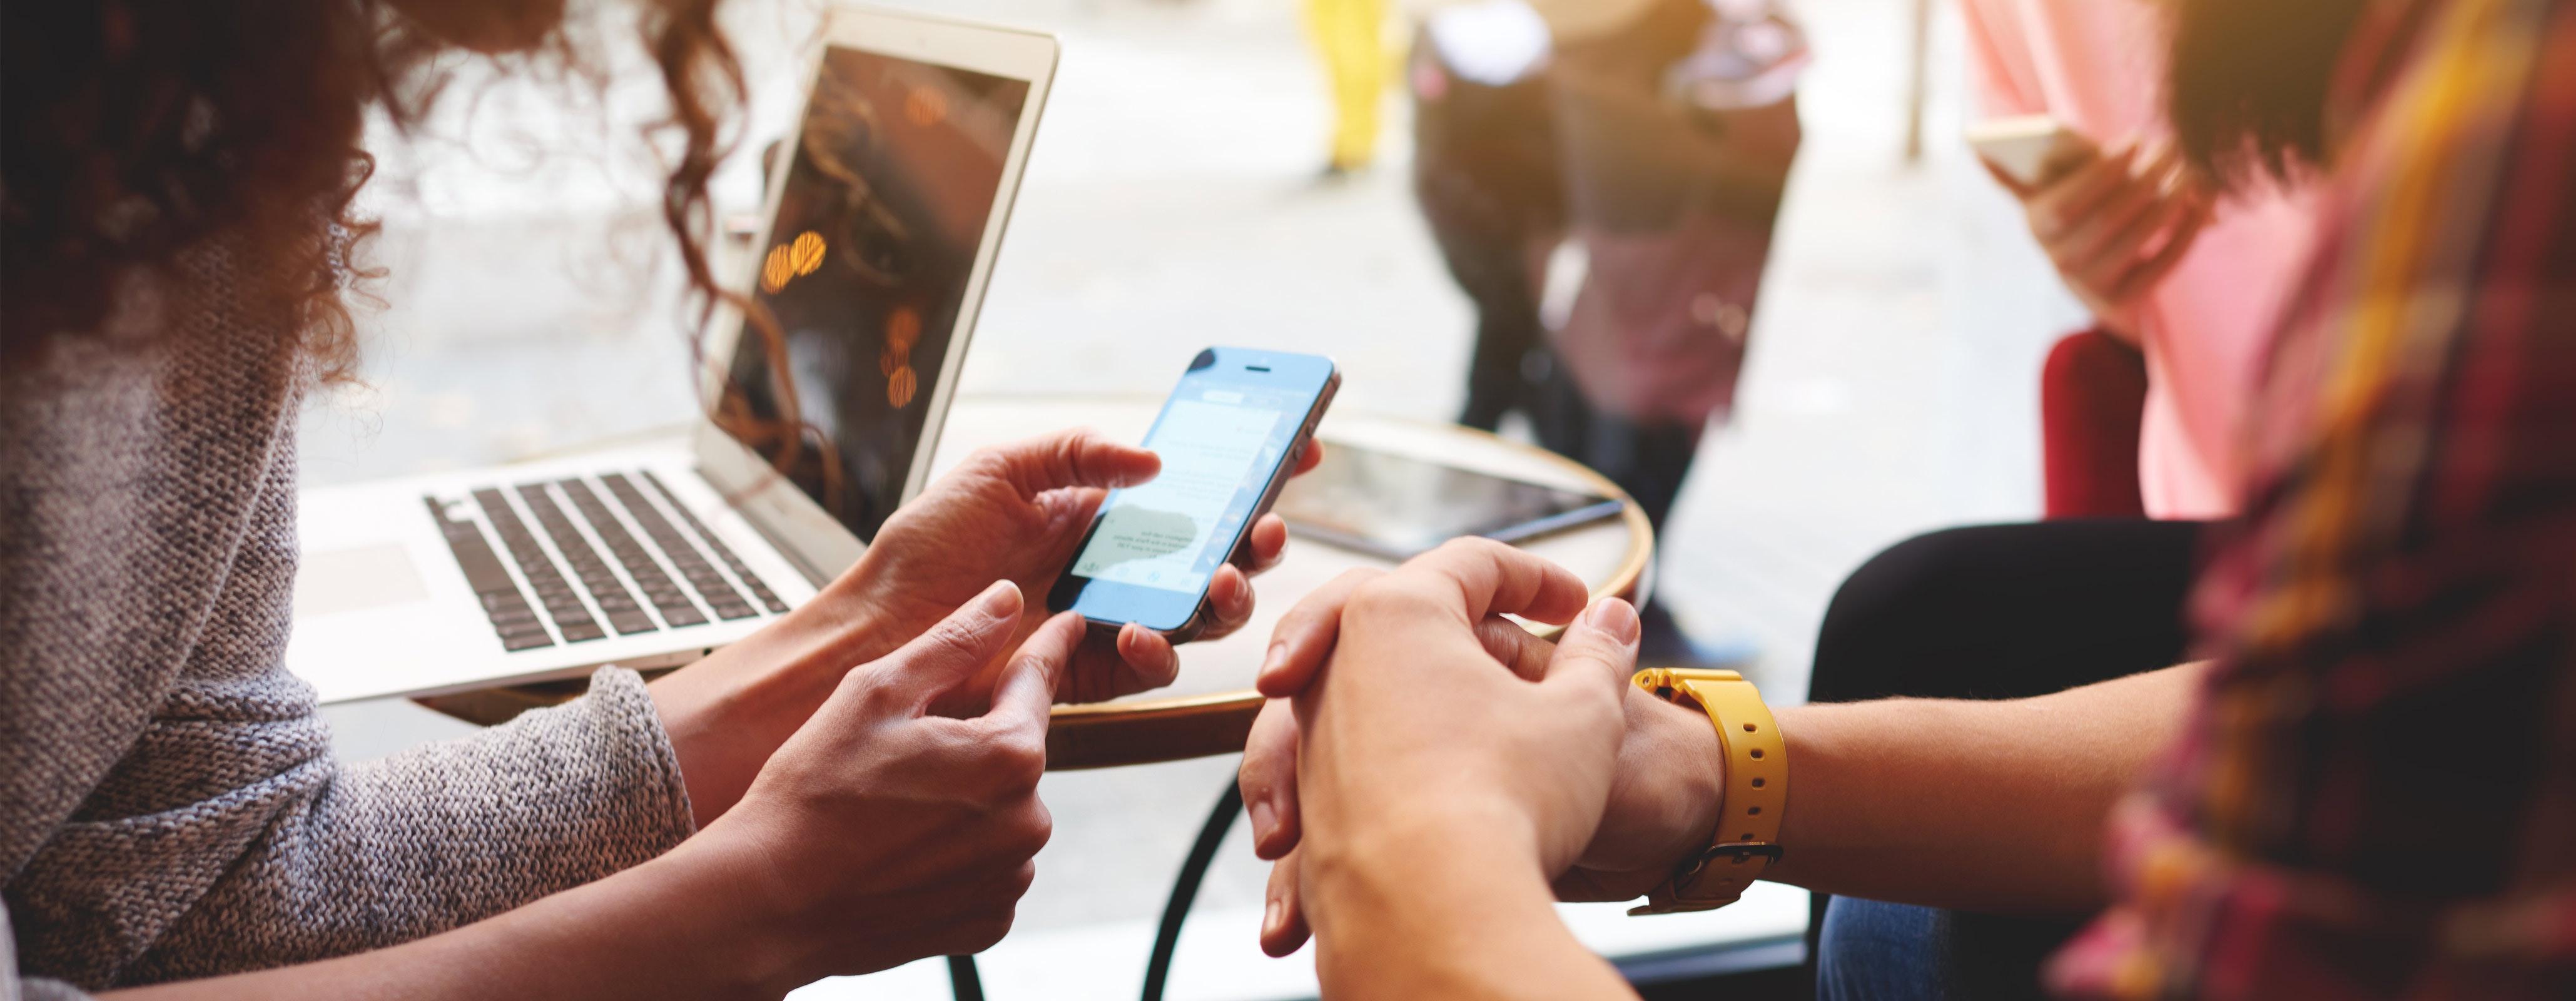 groep met mobiele telefoon